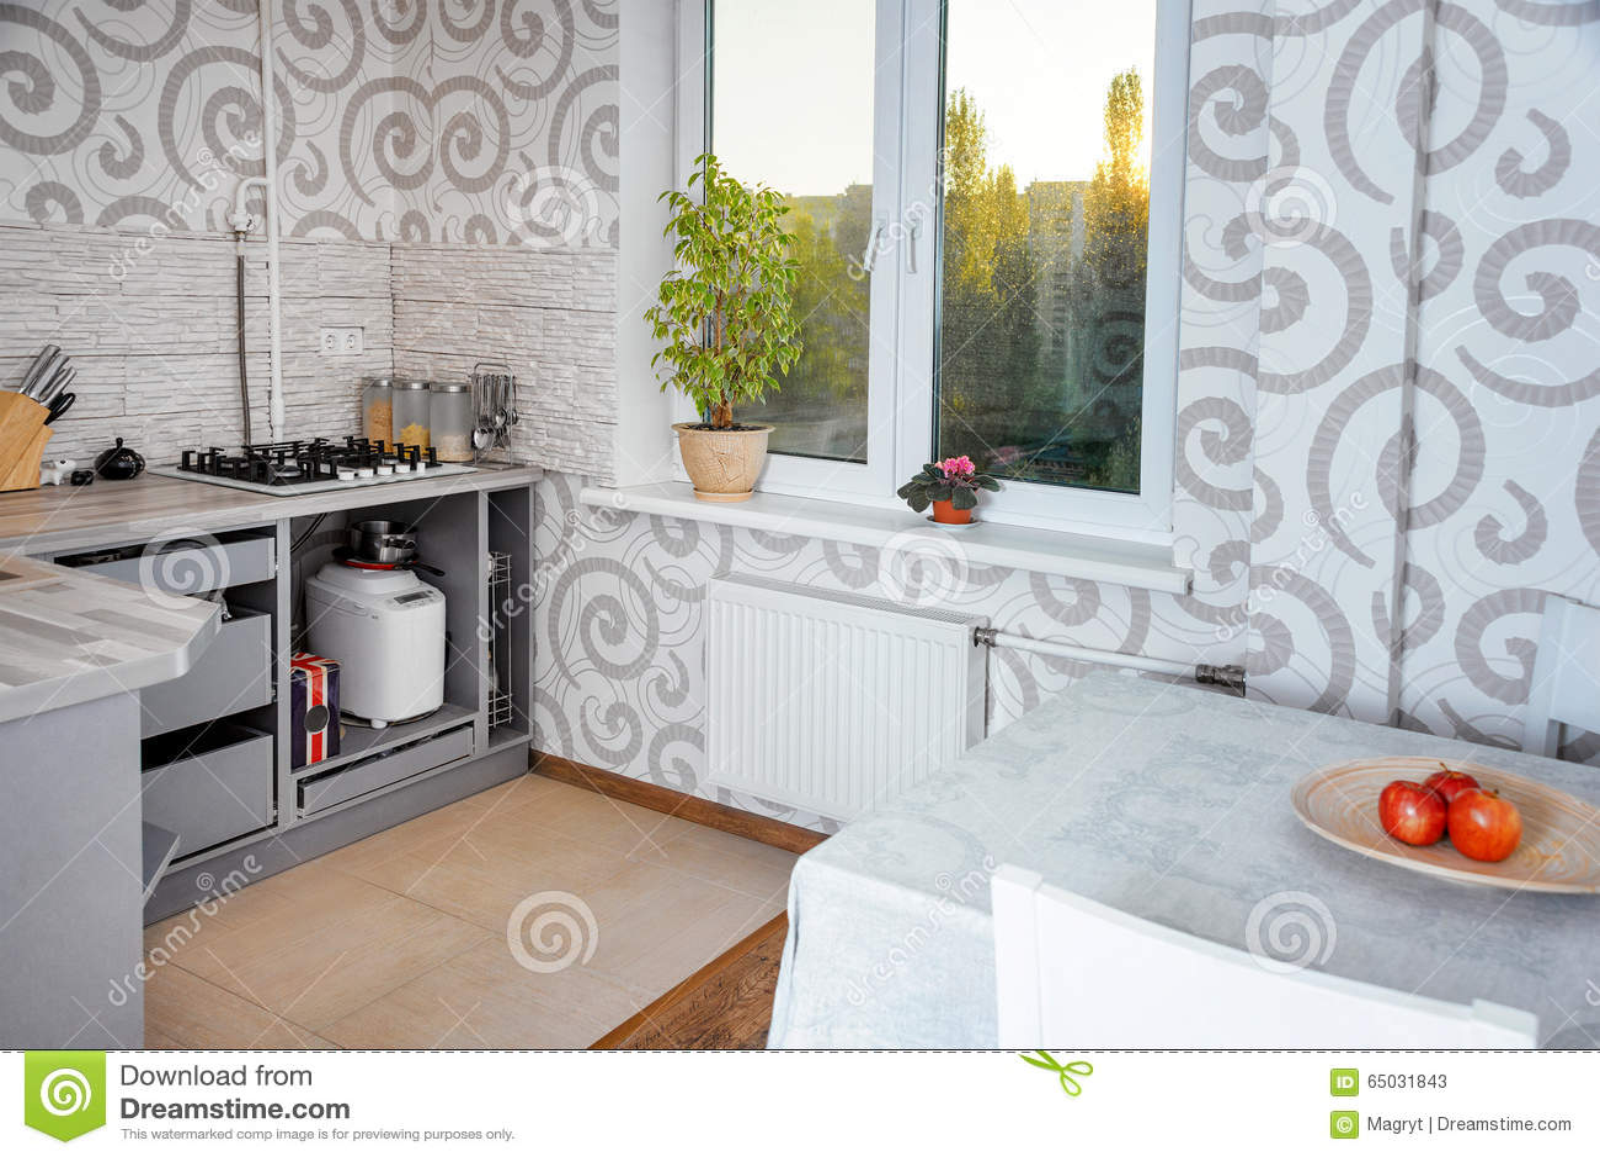 Innenarchitektur Der Modernen Einfachen Küche In Den Hellen ...